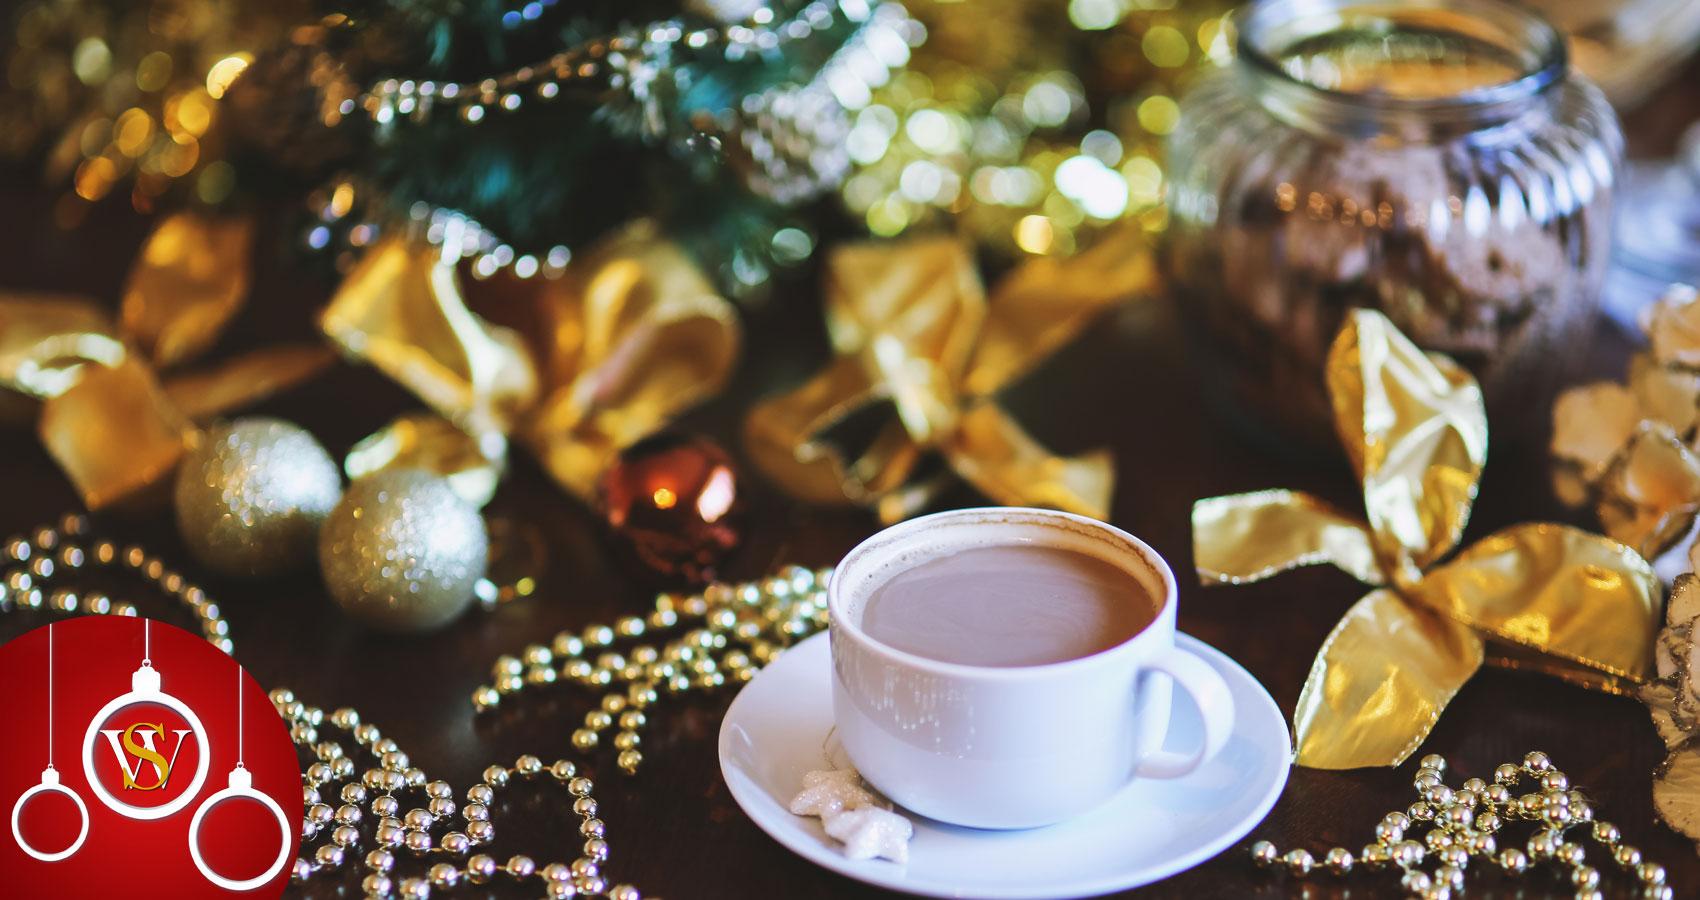 Christmas Morning, written by DEBRA JOSEPH at Spillwords.com